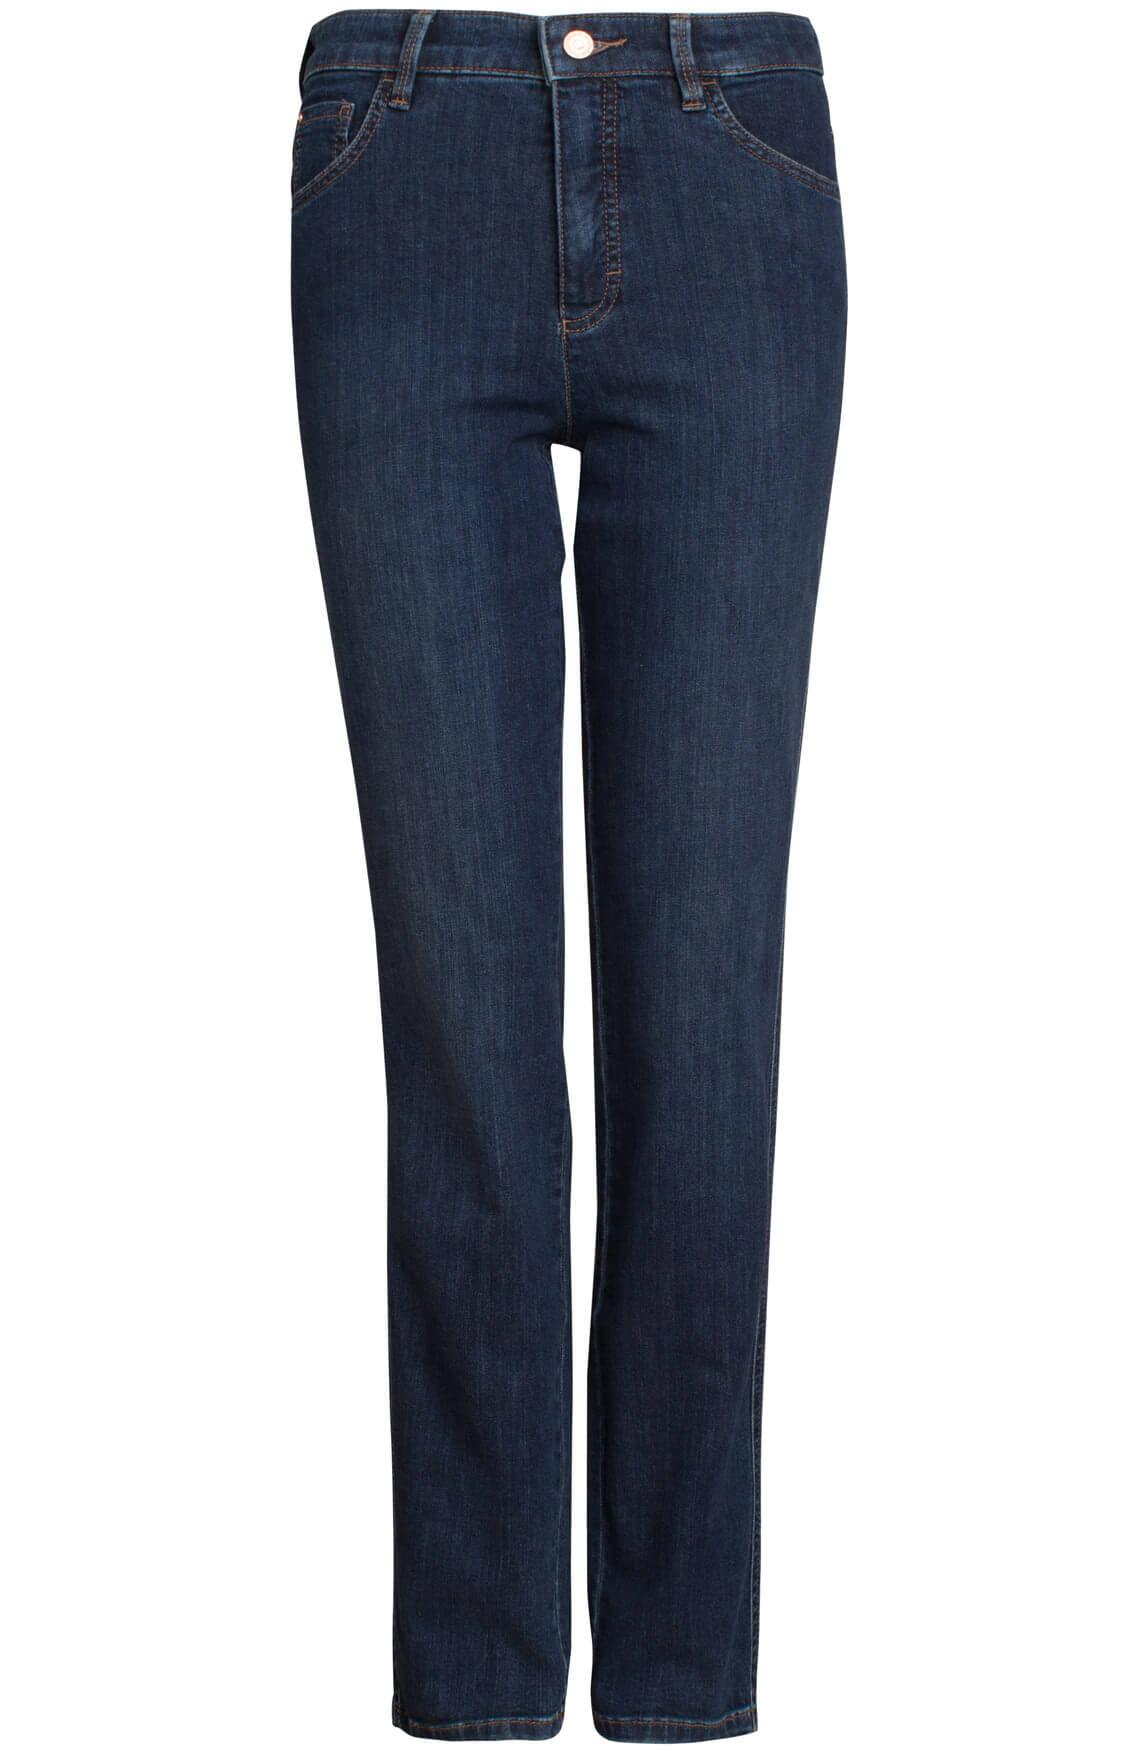 Rosner Dames Audrey jeans